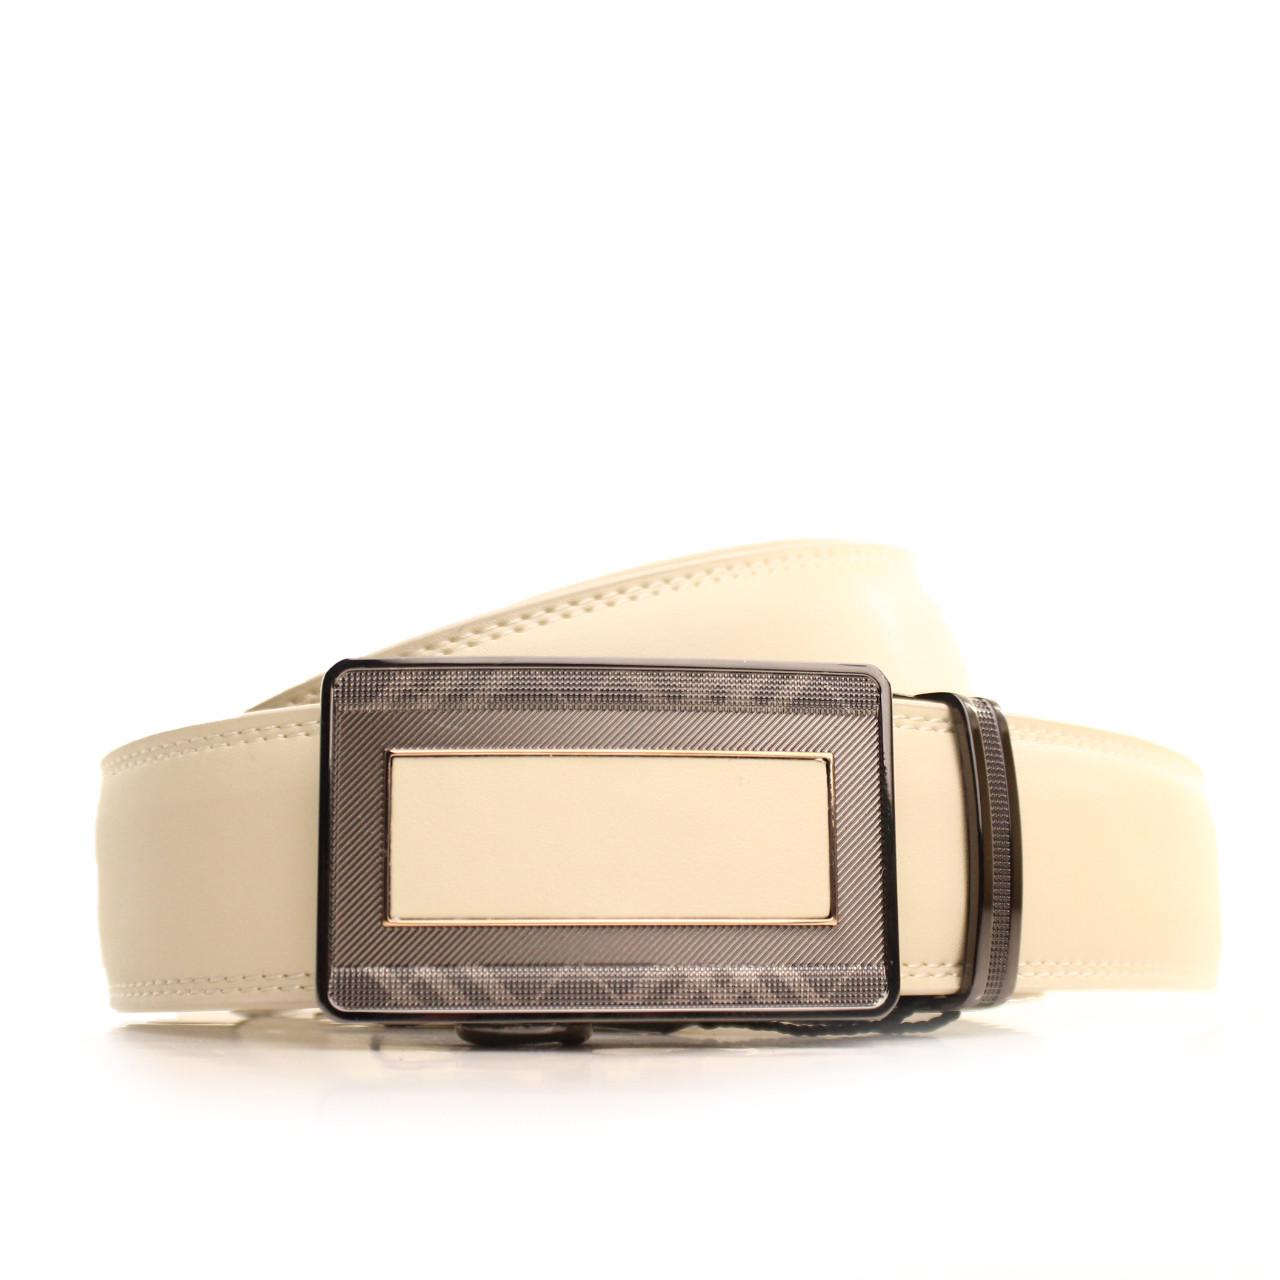 Ремень кожаный Alon 120-125 см китай l35a1a19